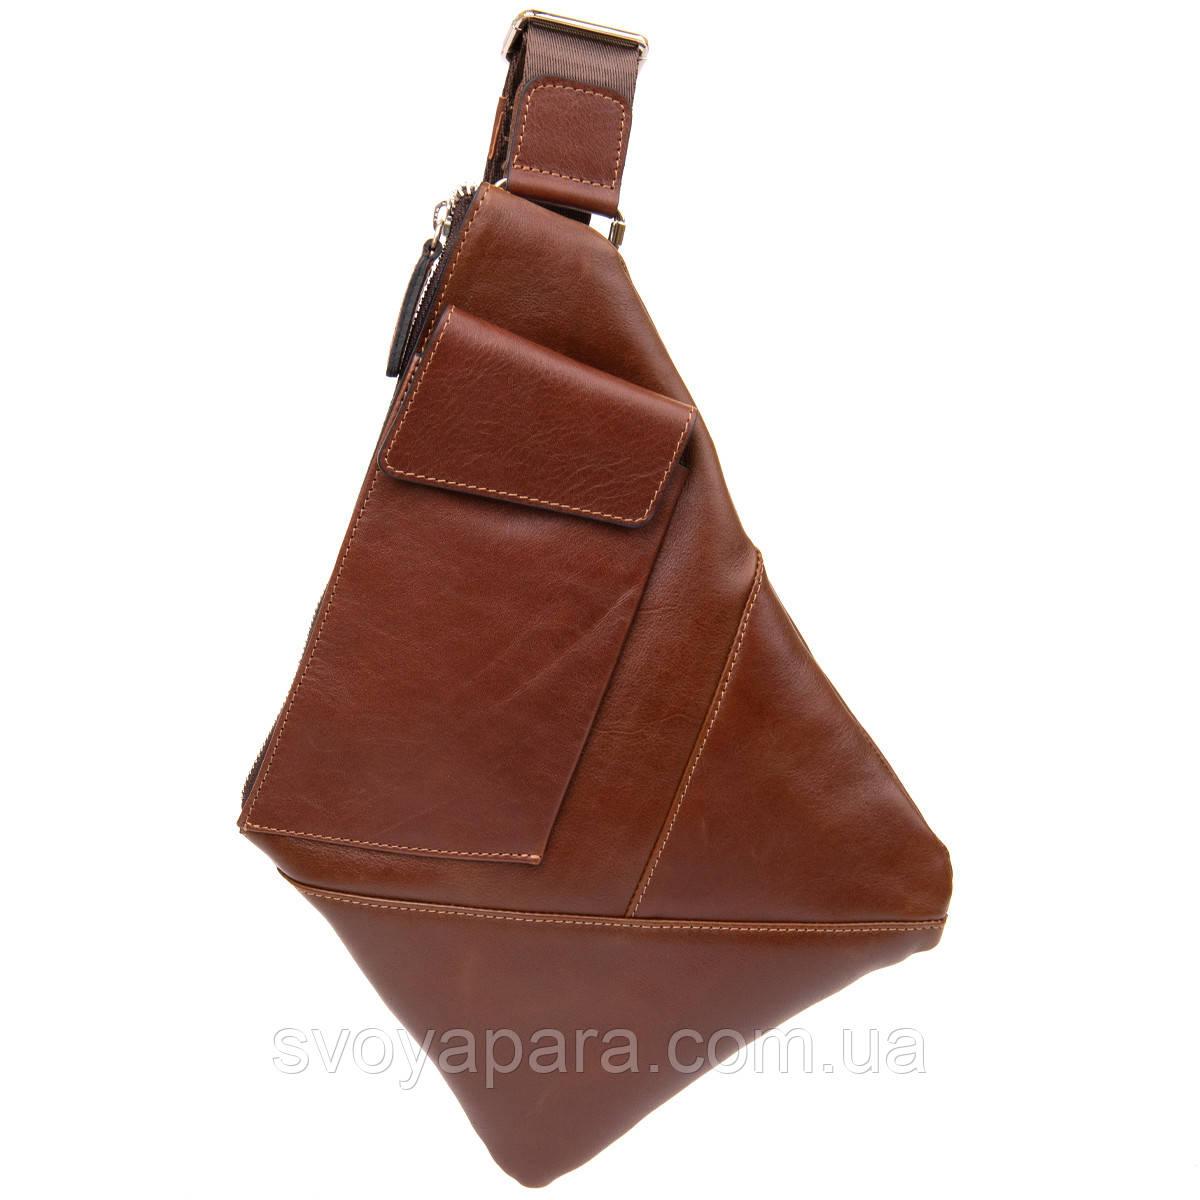 Стильна шкіряна чоловіча сумка через плече GRANDE PELLE 11358 Коричневий